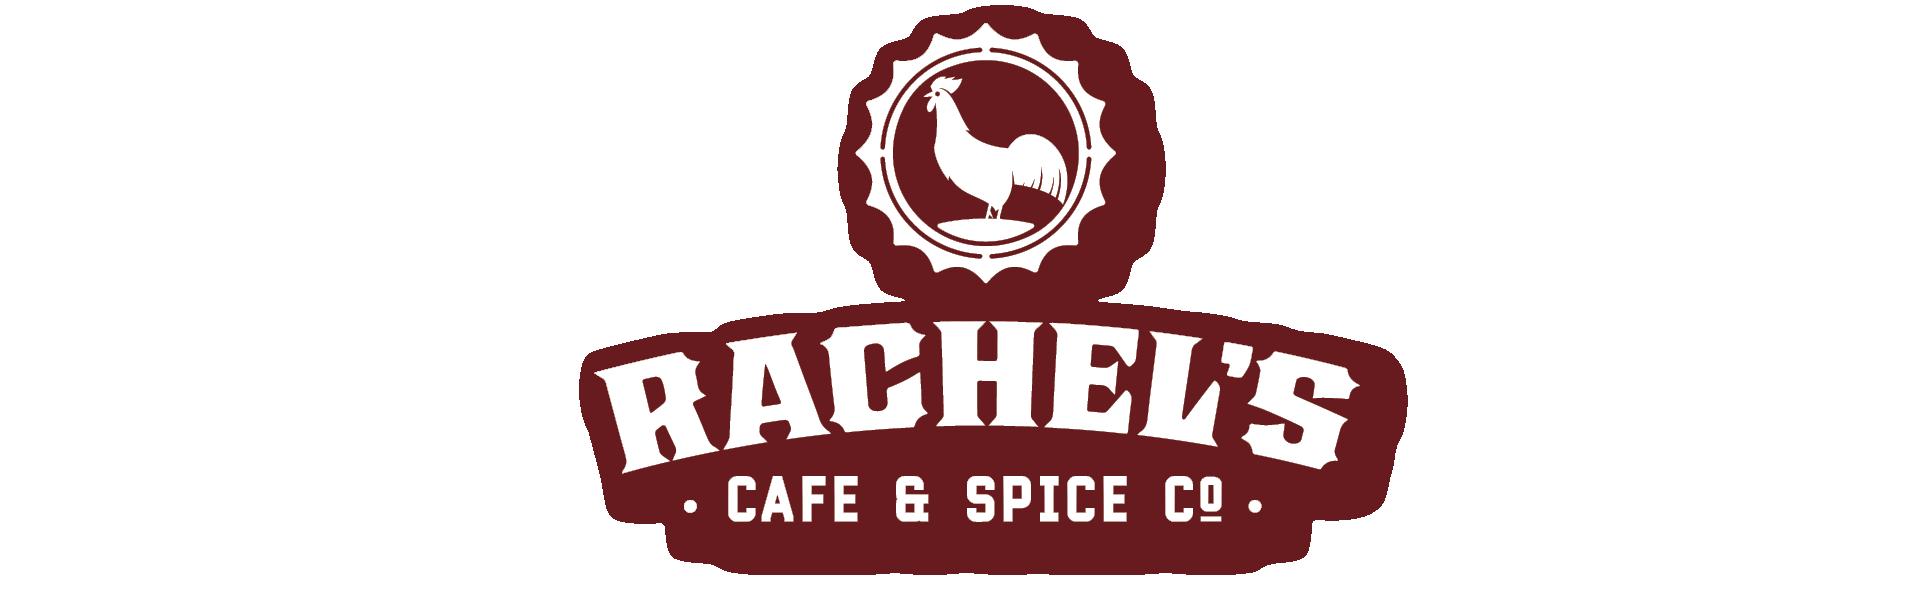 Rachels_Headers_Backgrounds2.png